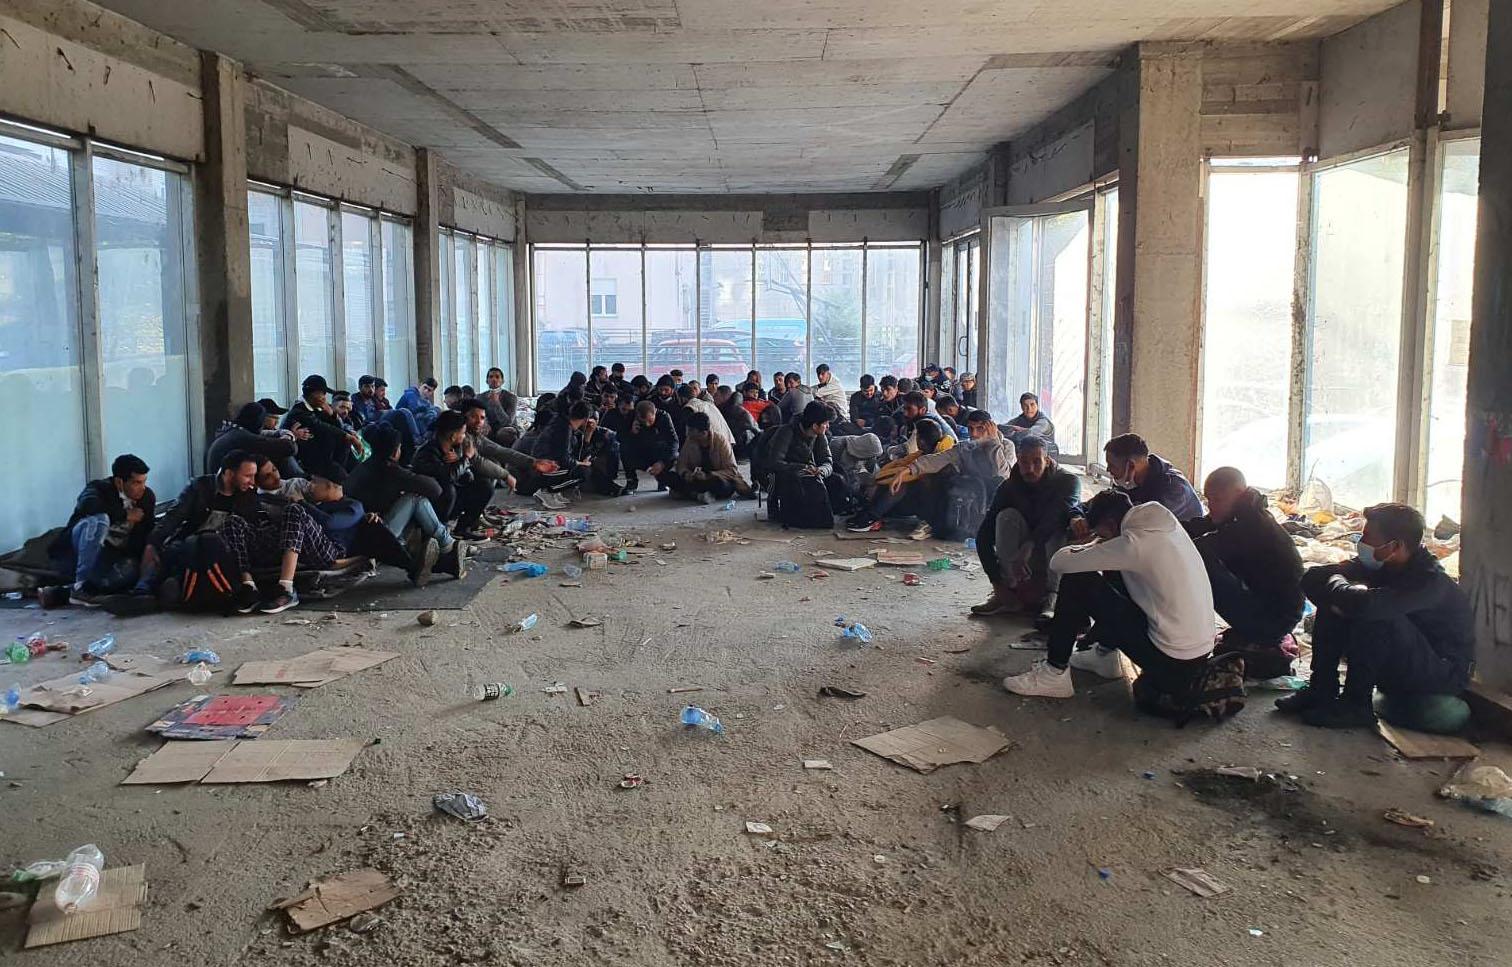 MUP pronašao 82 migranta, sprovedeni u prihvatni centar